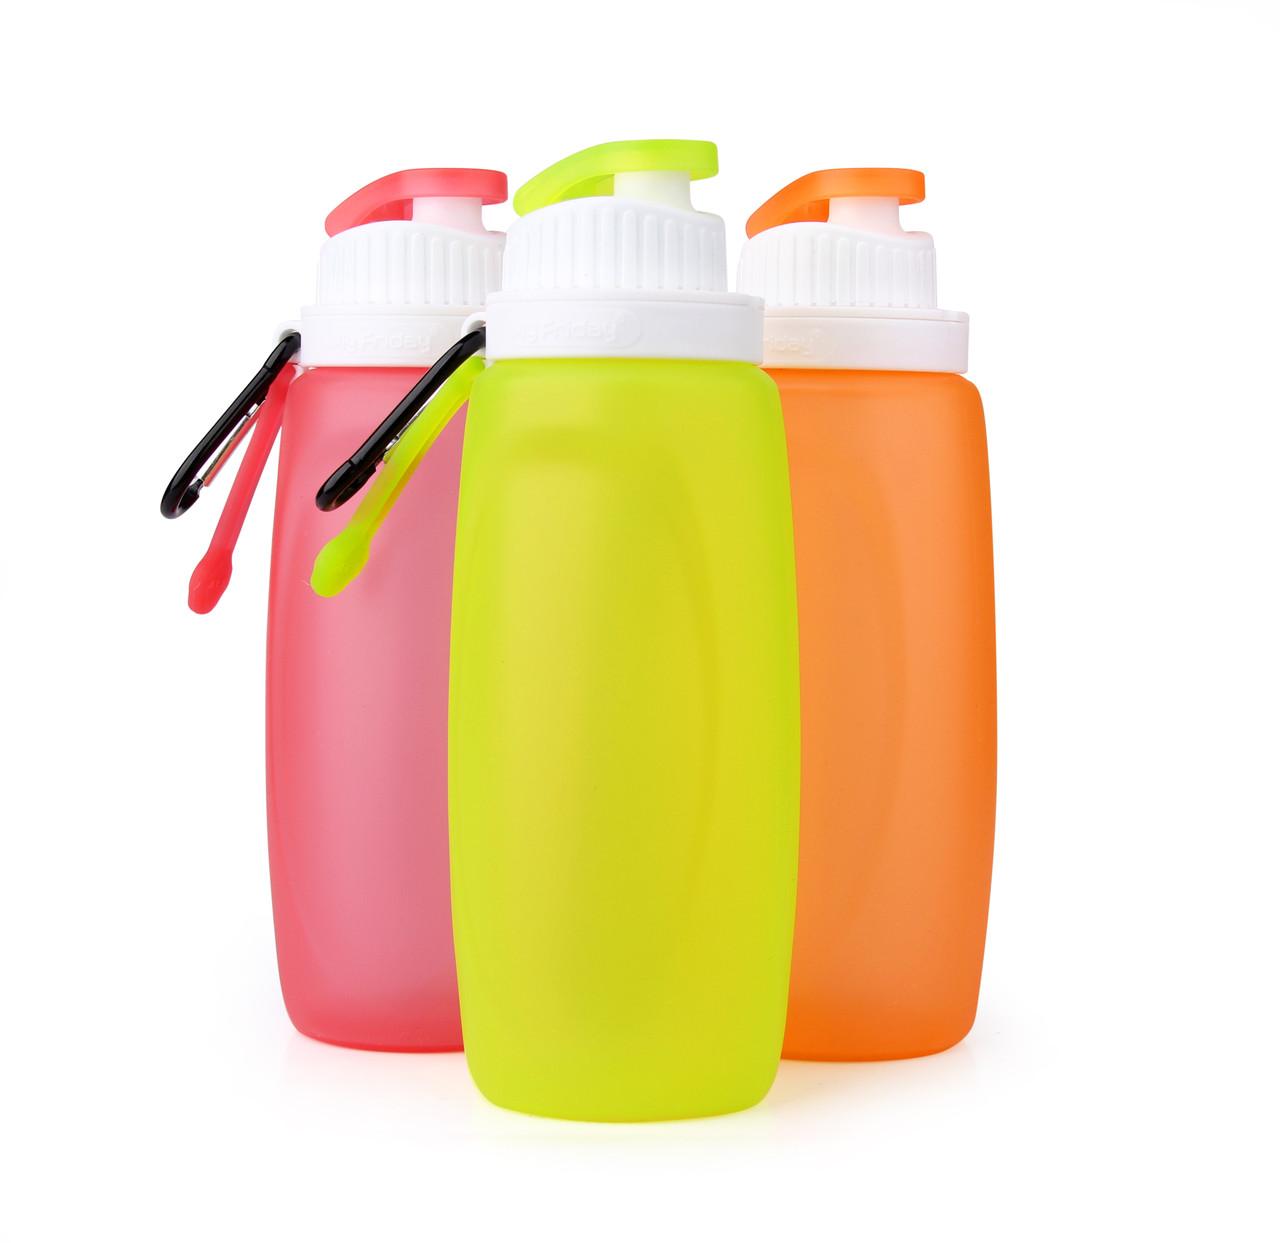 Складная  бутылка для воды 320 мл. Оптом и в розницу